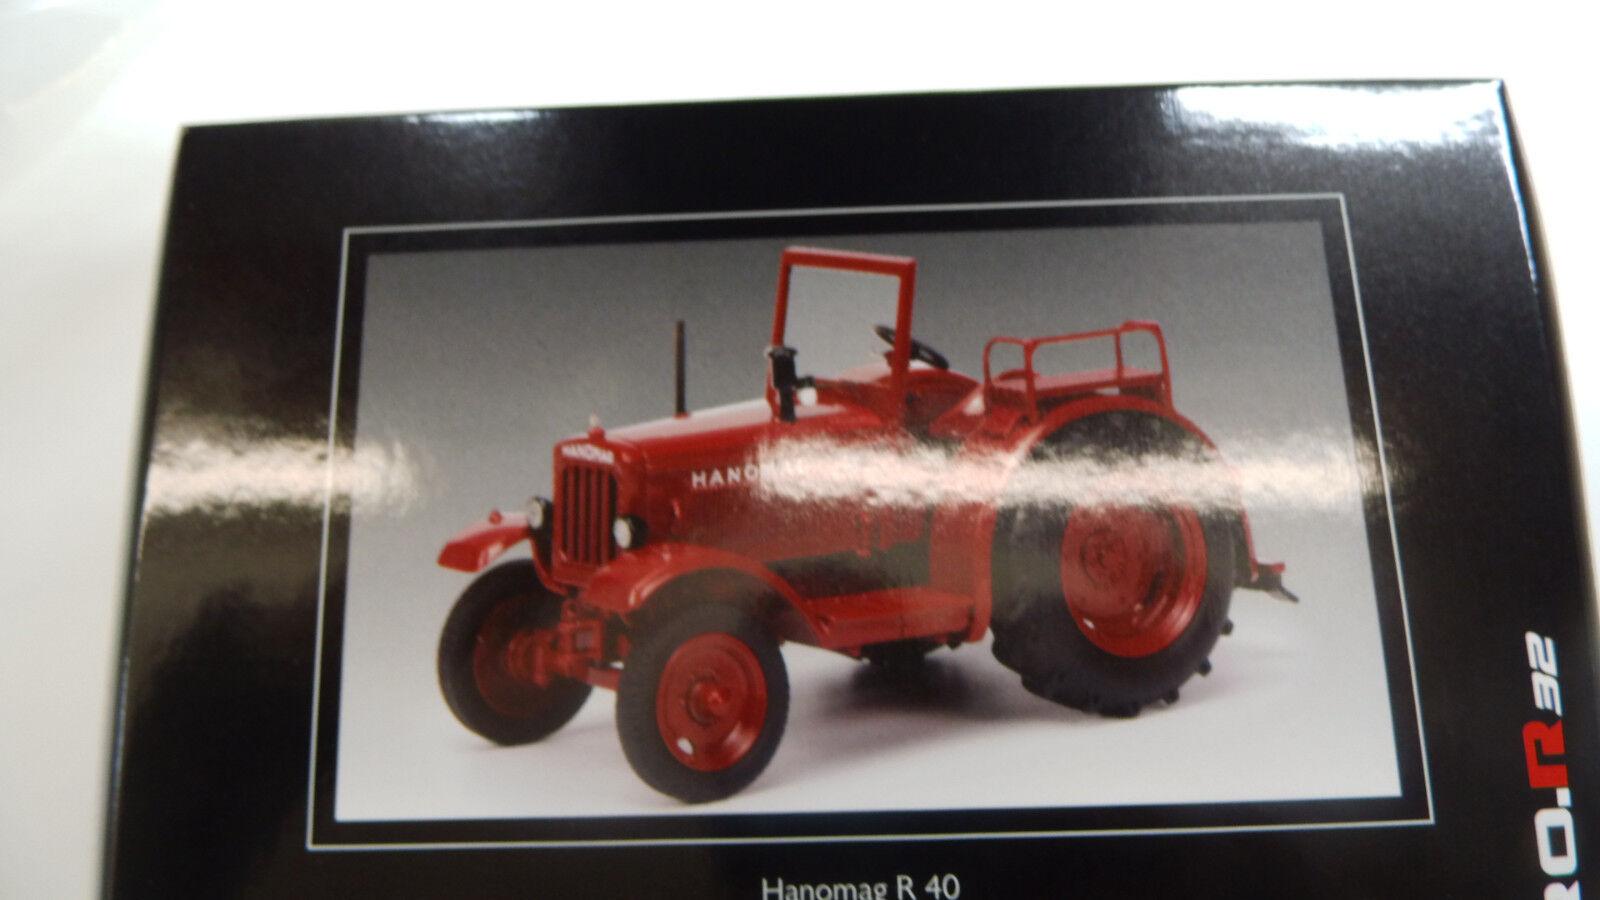 Schuco 450899300 Pro. R 1 32 HANOMAG R 40 Produit  neuf NEUF dans sa boîte  réductions incroyables